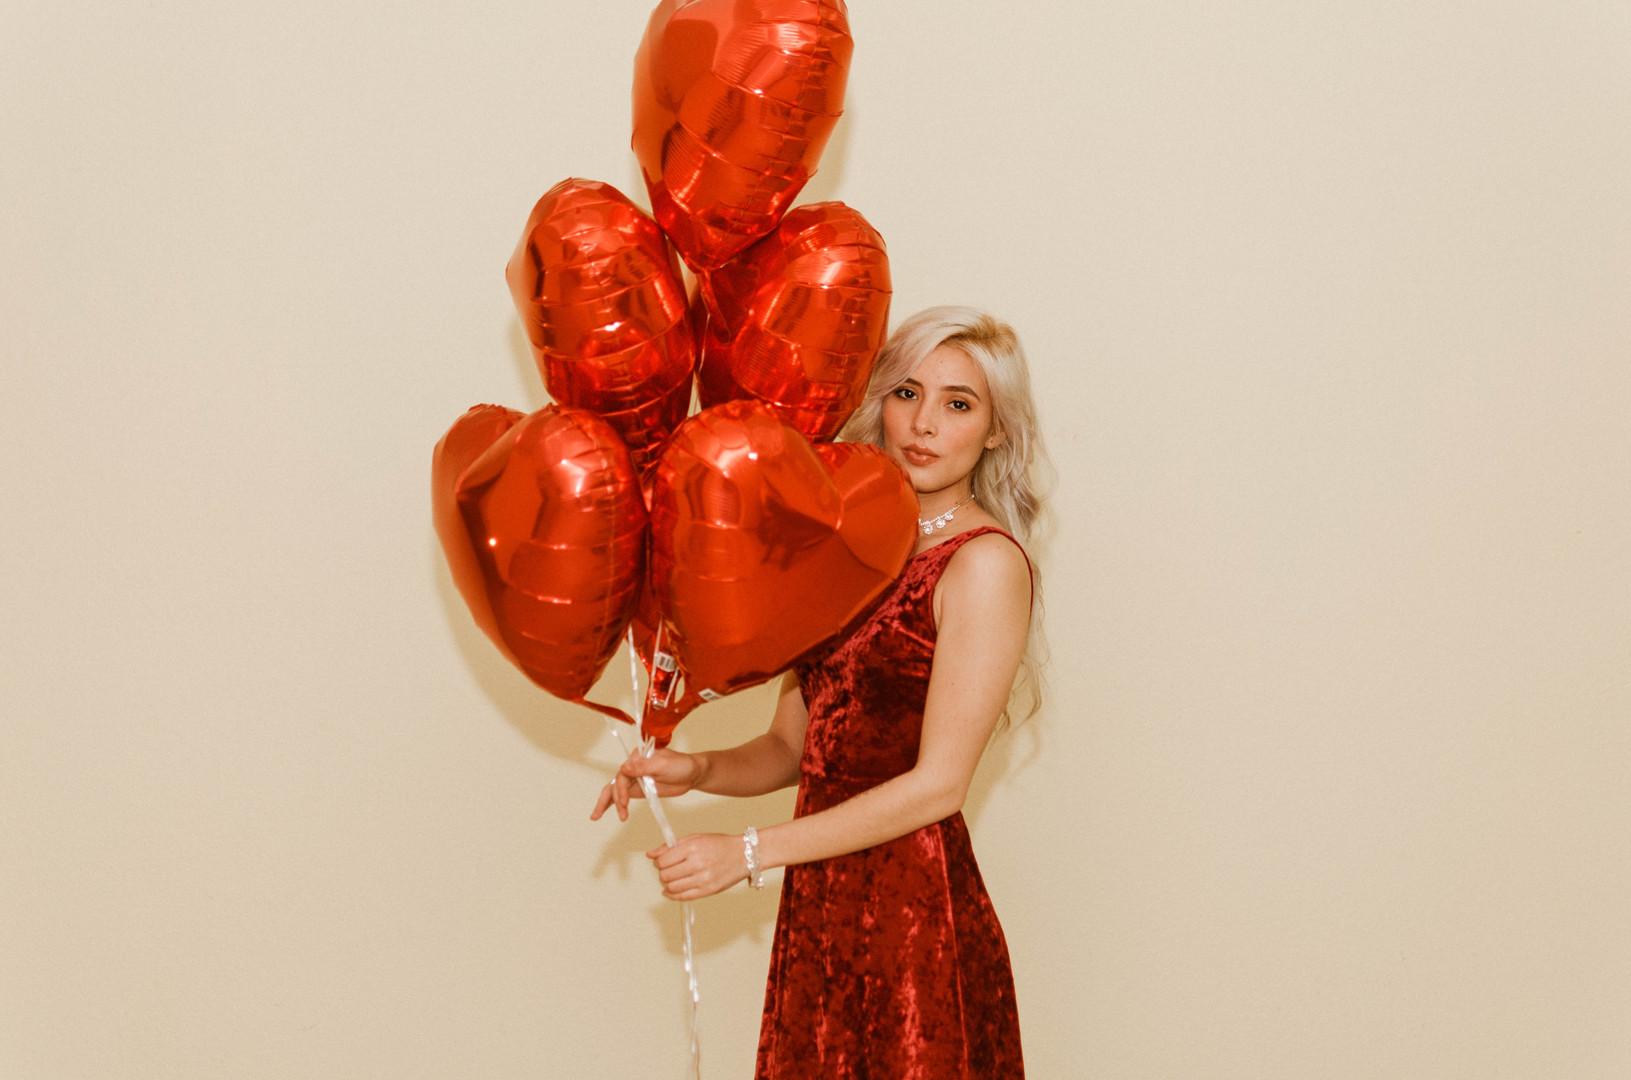 Balões para ocasiões especiais